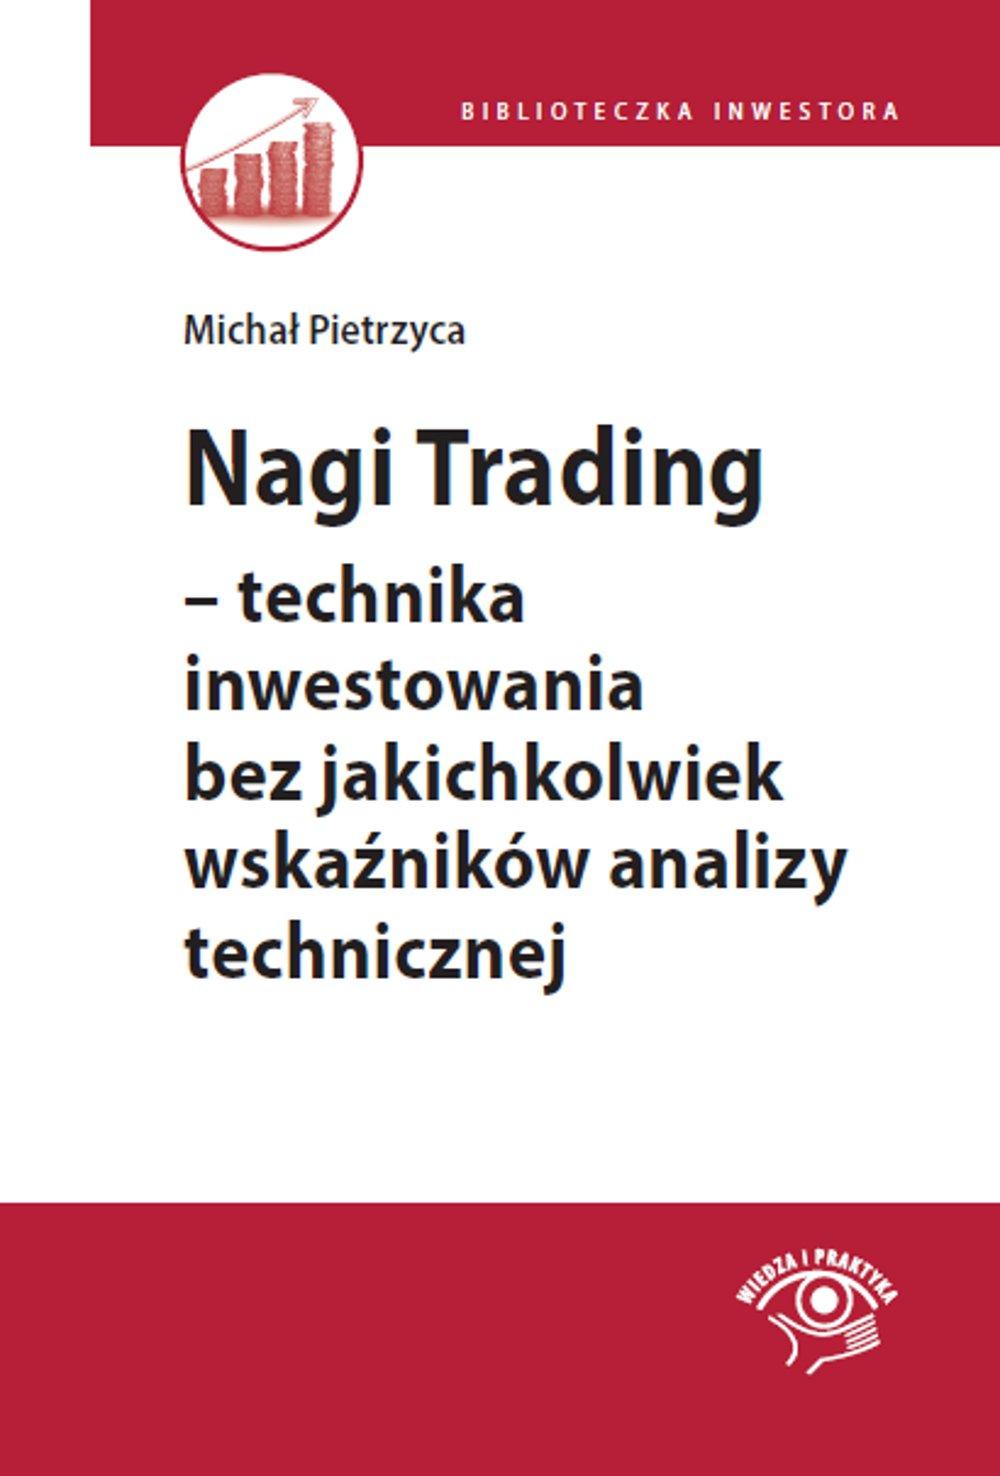 Nagi Trading - technika inwestowania bez jakichkolwiek wskaźników analizy technicznej - Ebook (Książka EPUB) do pobrania w formacie EPUB